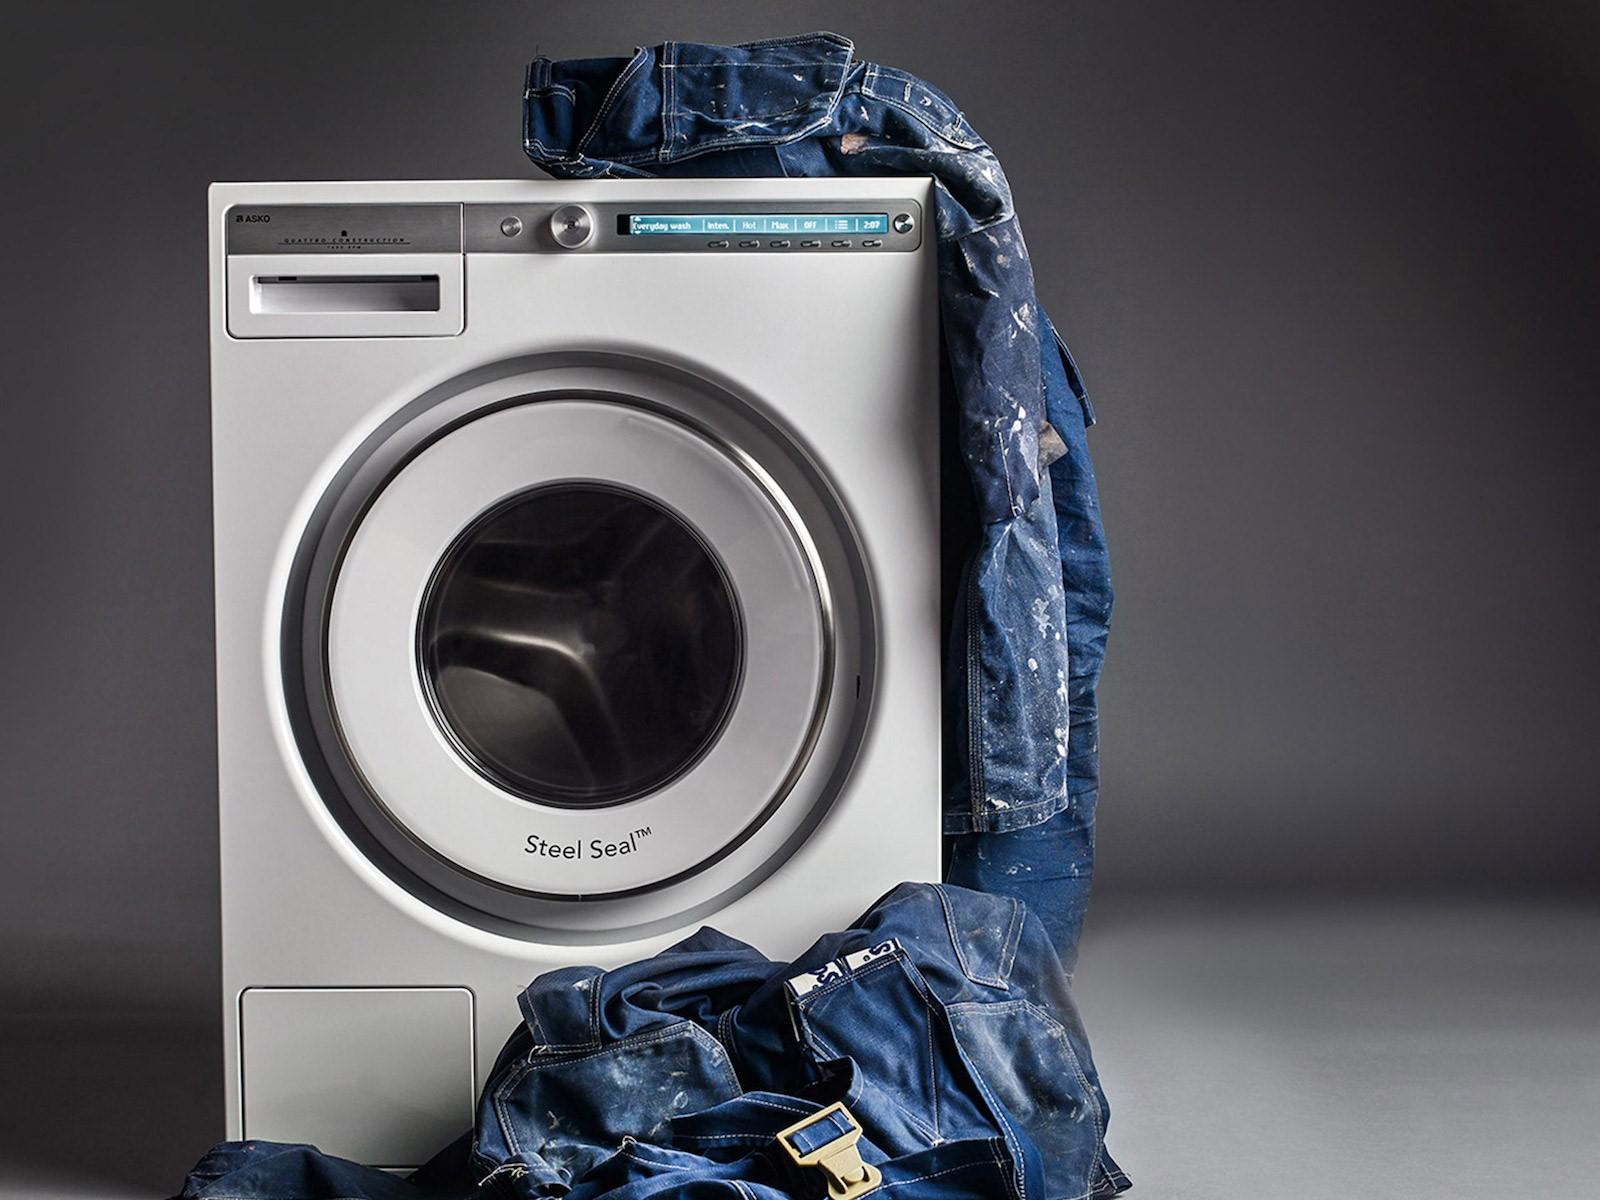 سوختن موتور لباسشویی